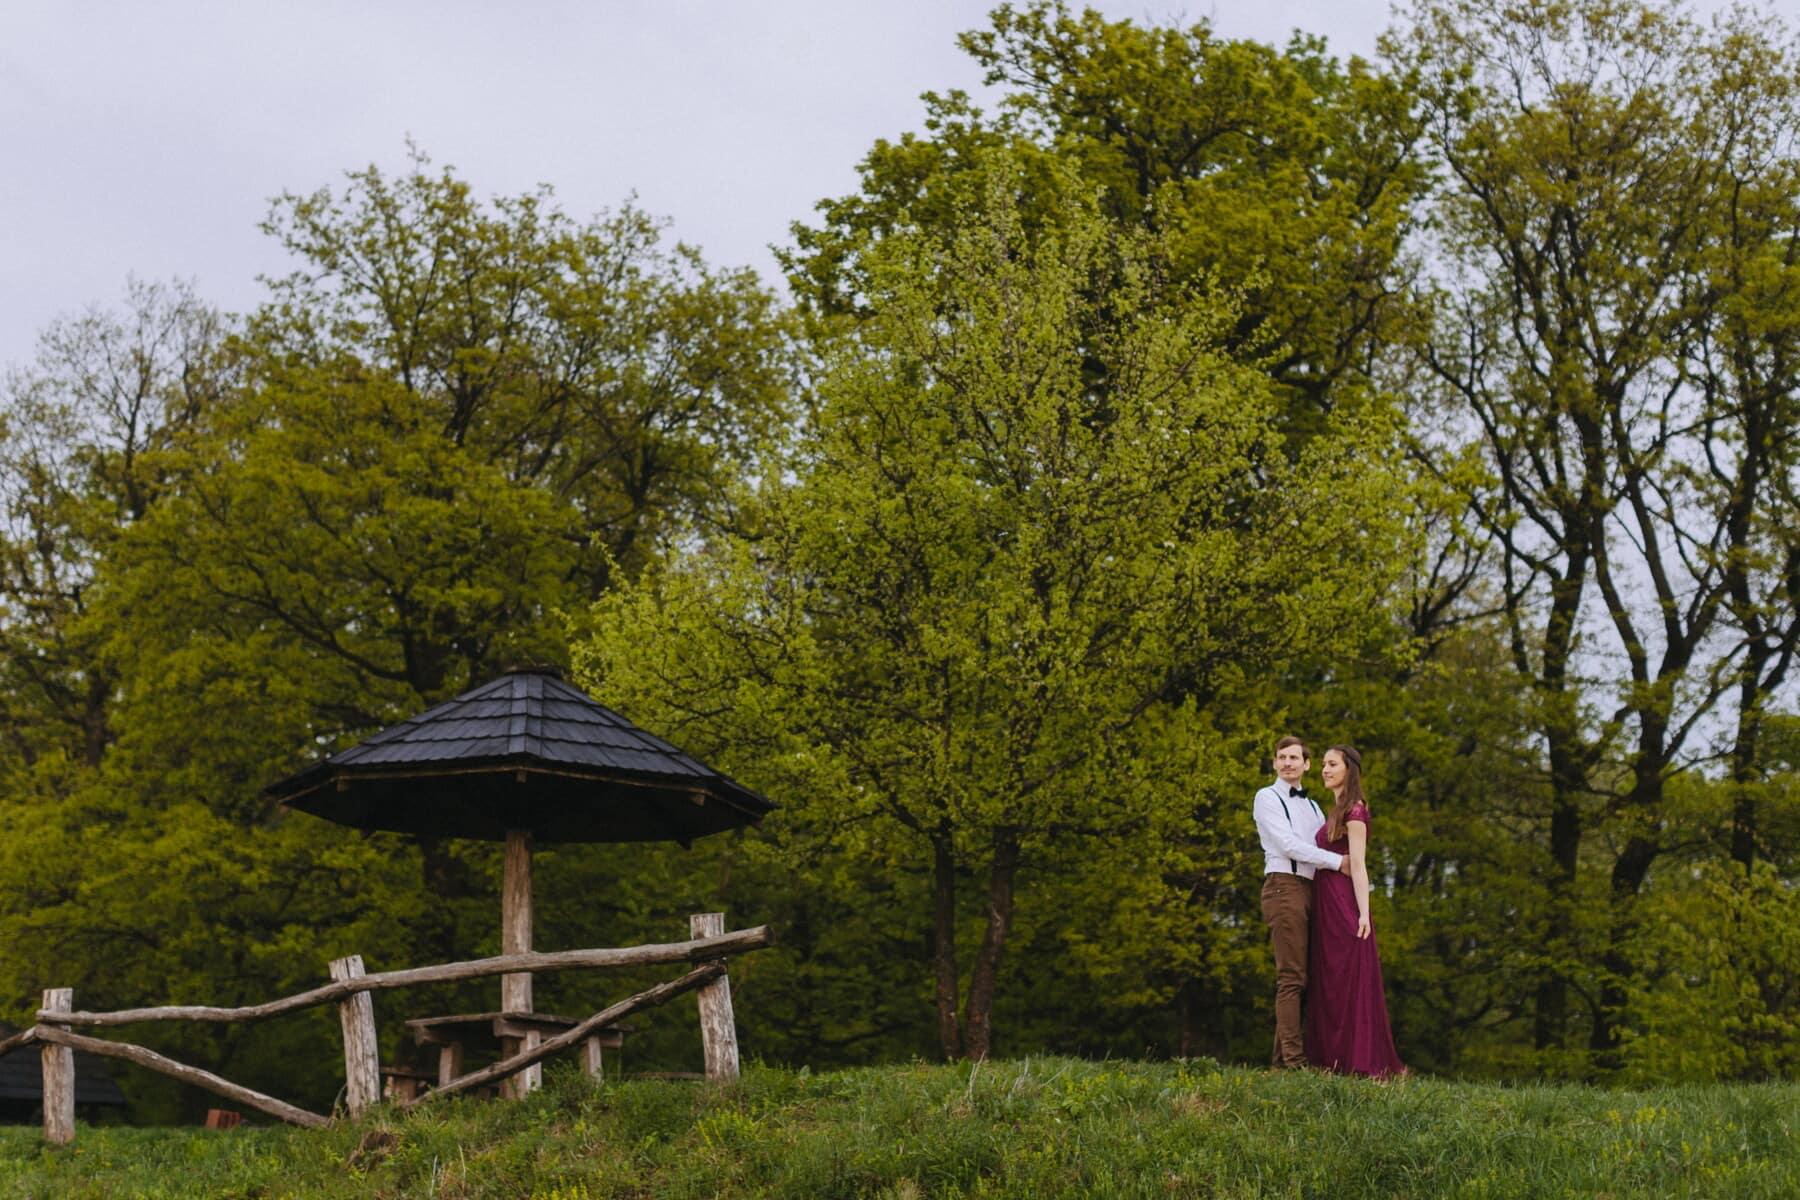 gammeldags, lilla, kæreste, kjole, kæreste, outfit, Village, landskab, træ, træ